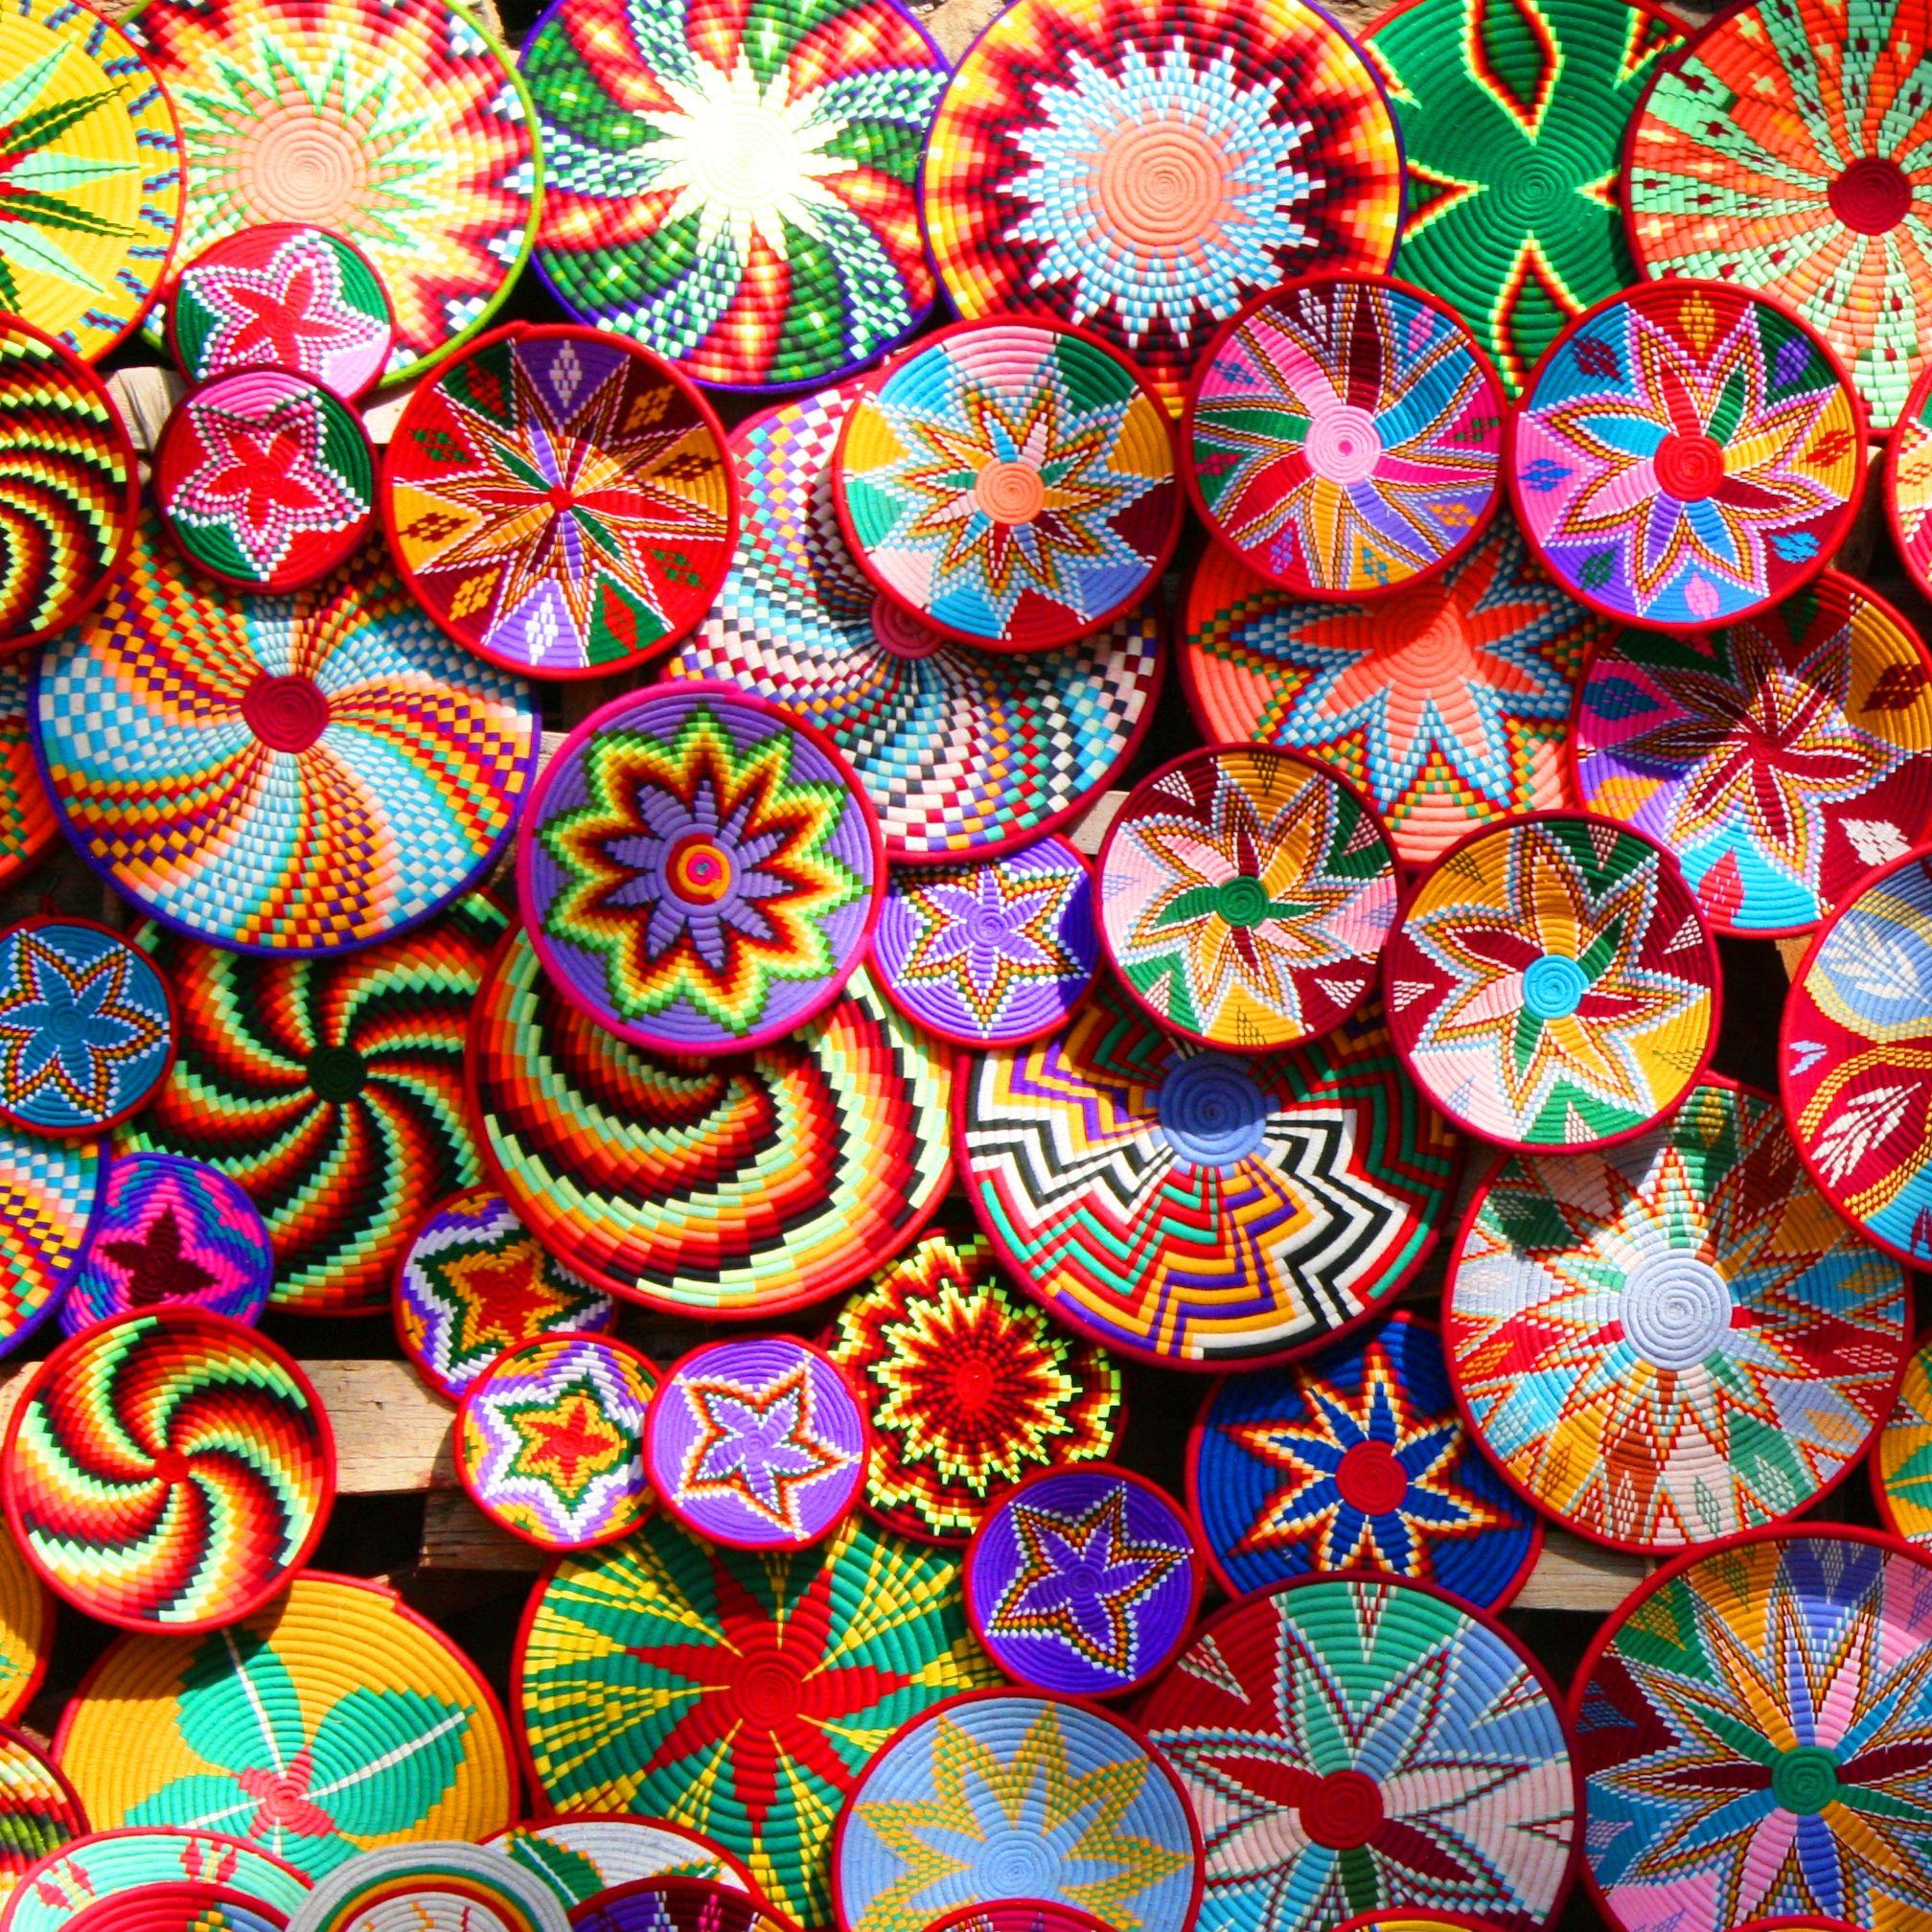 nivasa designs habesha baskets